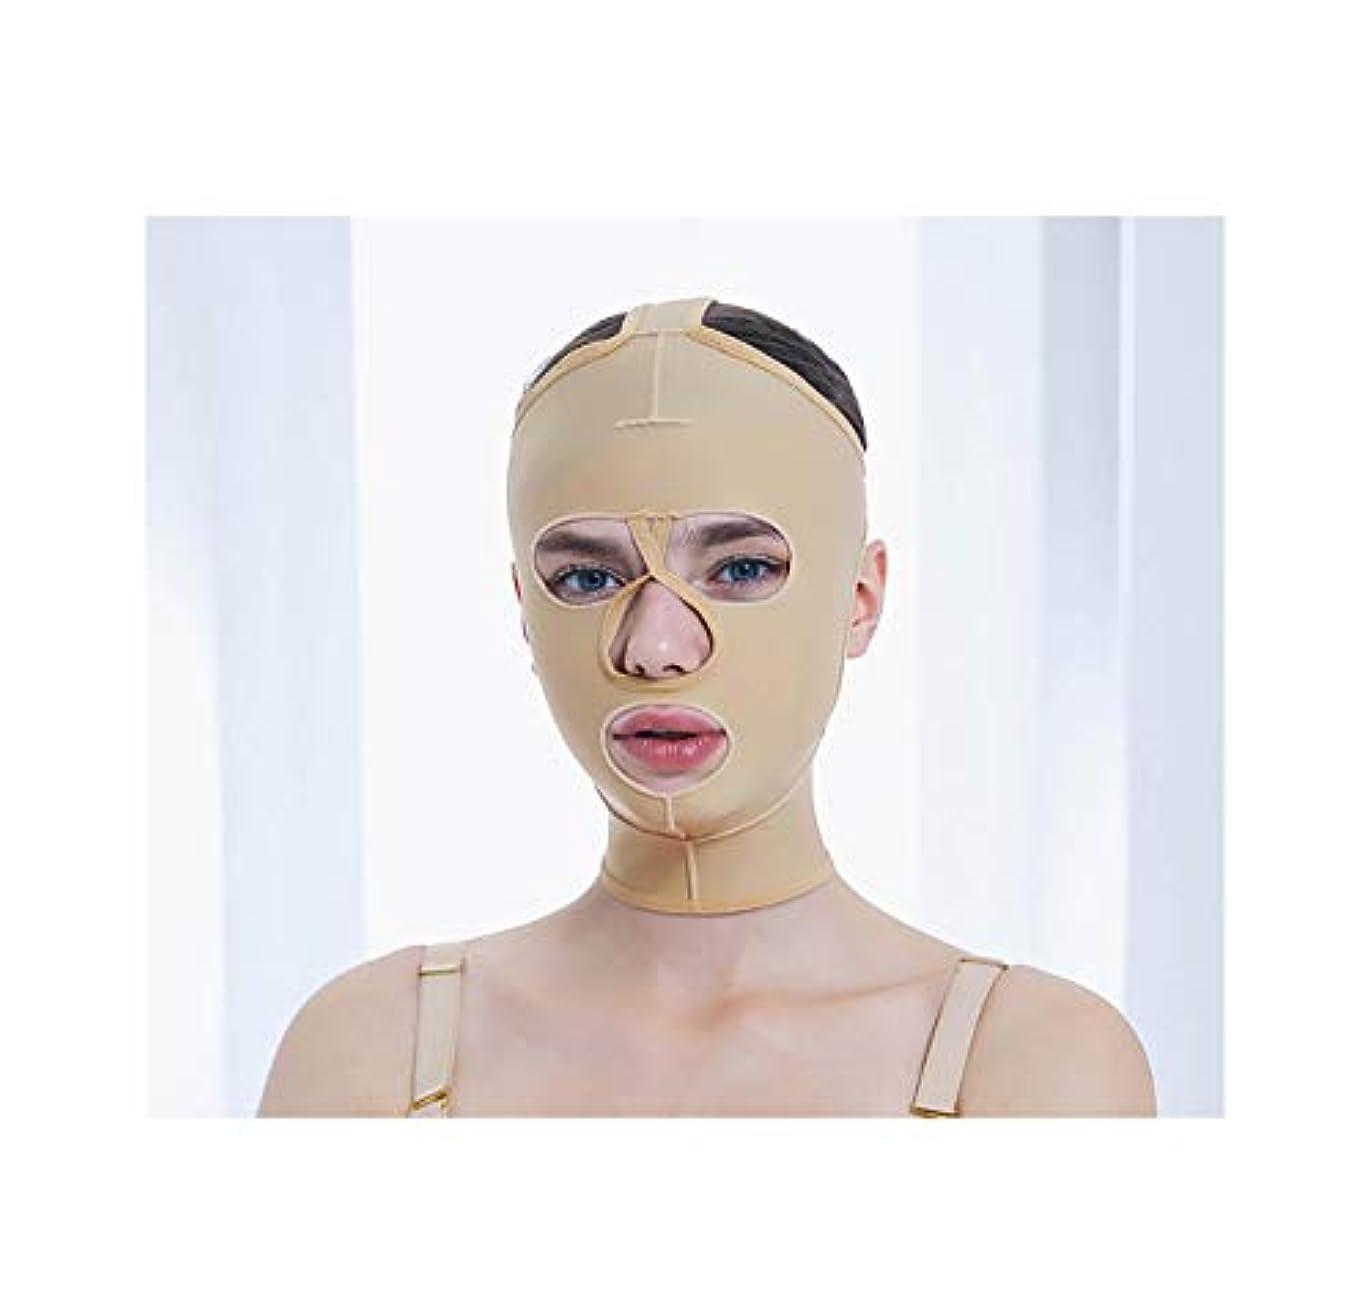 逃す重なる概要GLJJQMY 顔と首のリフト痩身マスク脂肪吸引術脂肪吸引整形マスクフードフェイシャルリフティングアーティファクトVフェイスビーム弾性スリーブ 顔用整形マスク (Size : XXL)